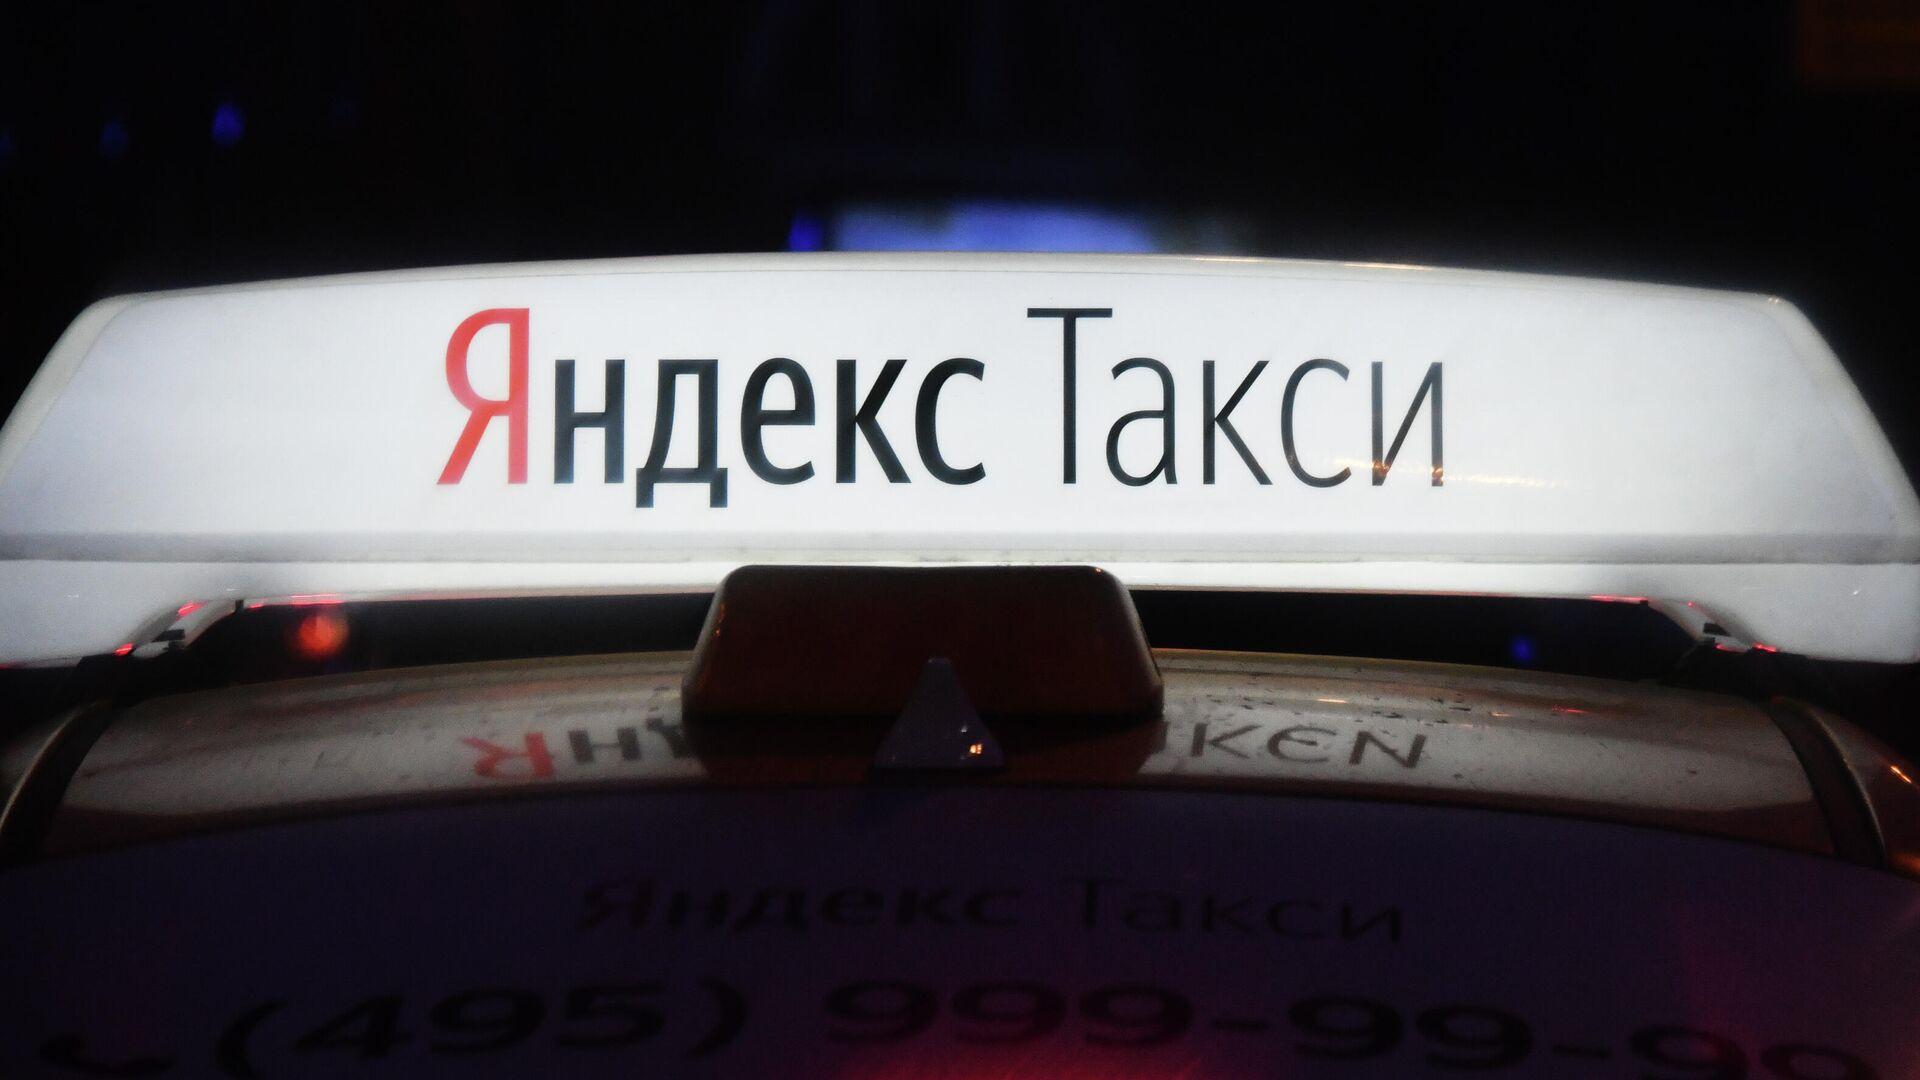 Световой короб Яндекс Такси - РИА Новости, 1920, 09.04.2021